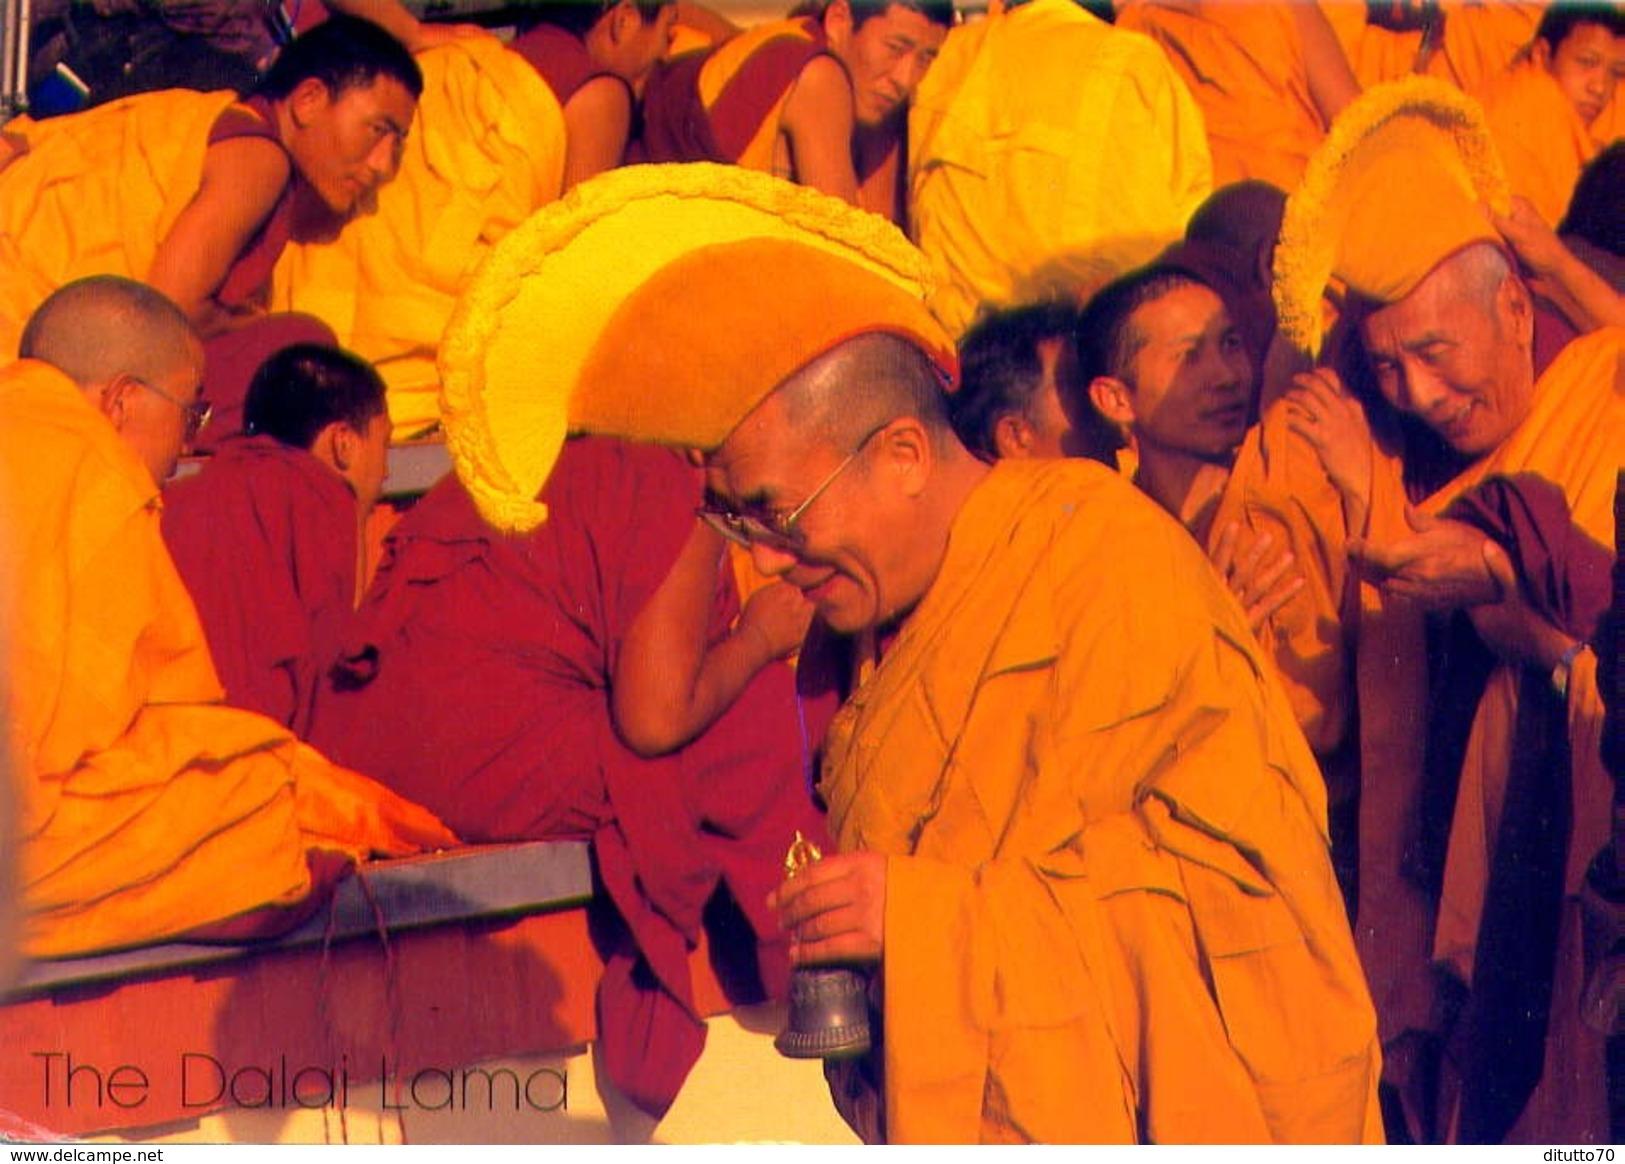 Nepal - The Dalai Lama - Formato Grande Viaggiata - E - Nepal